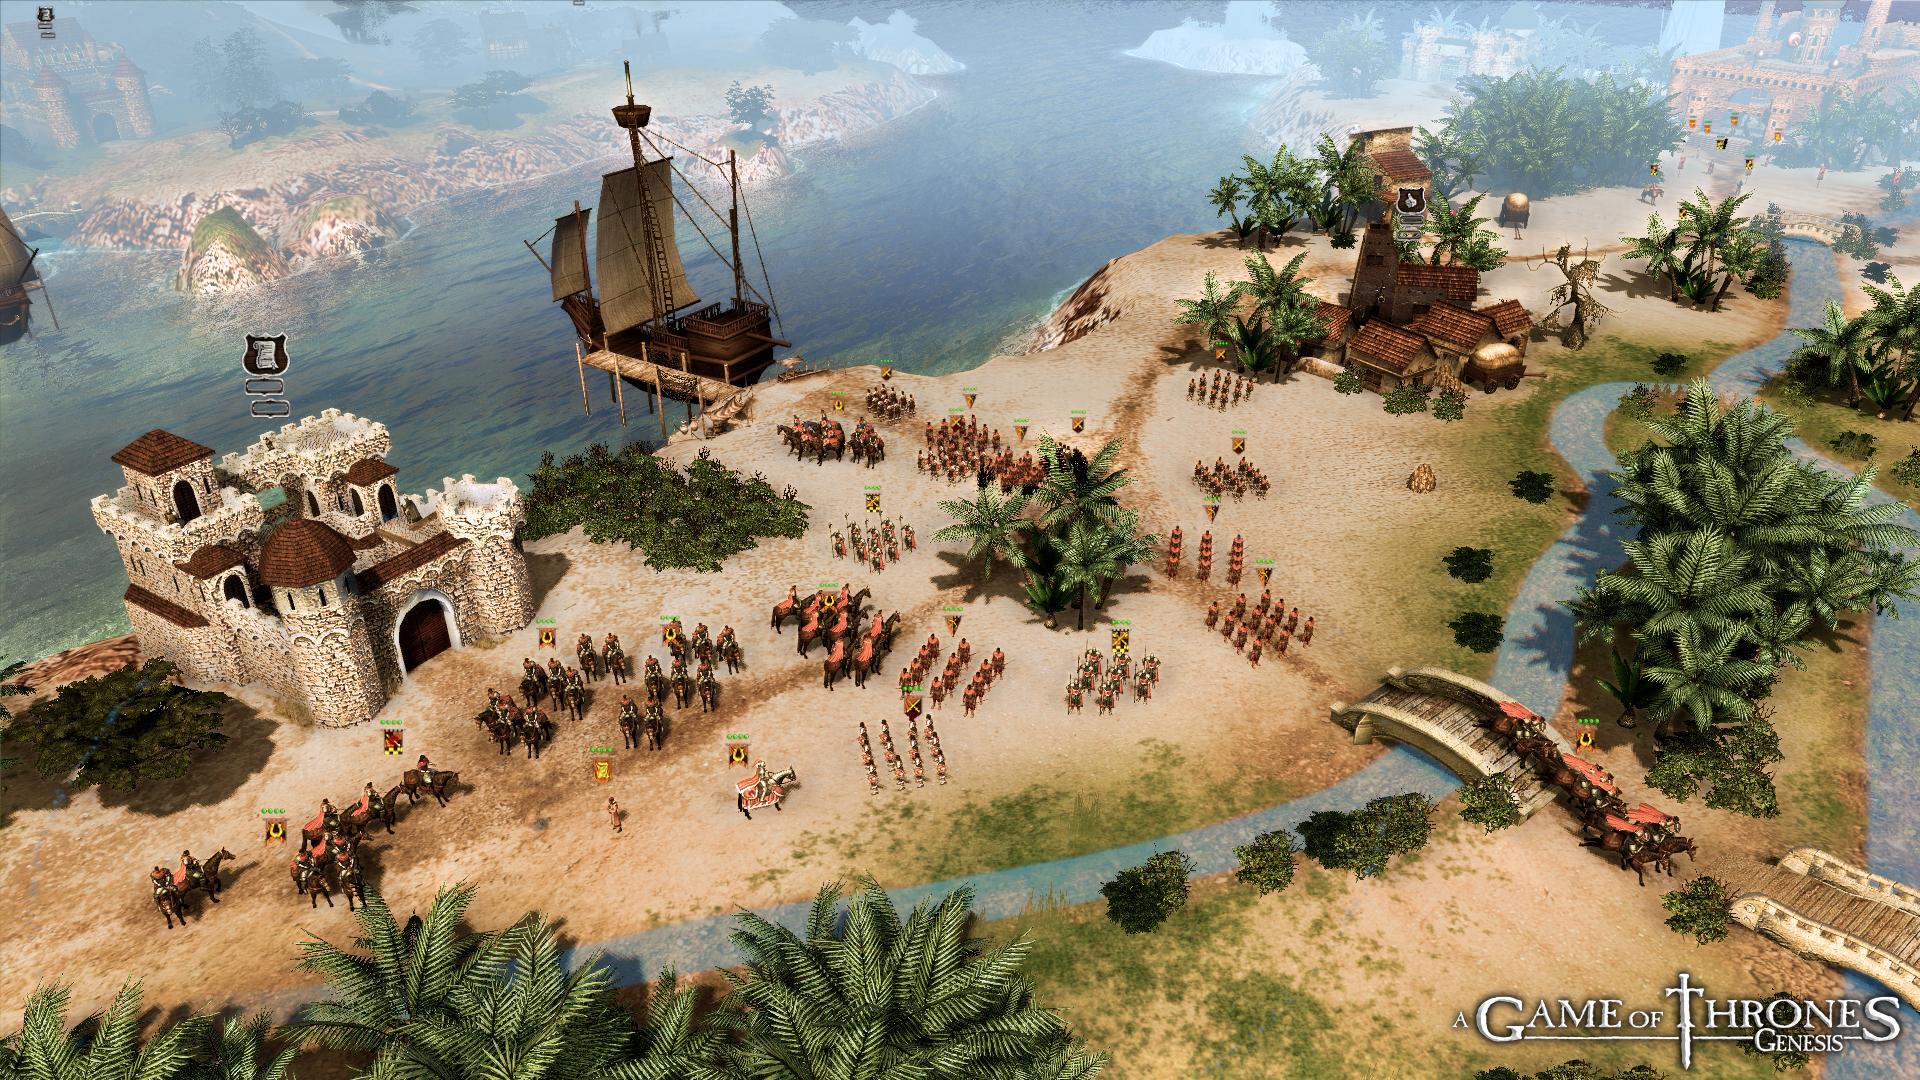 Foto de A Game of Thrones: Genesis [Febrero 2011] (1/2)